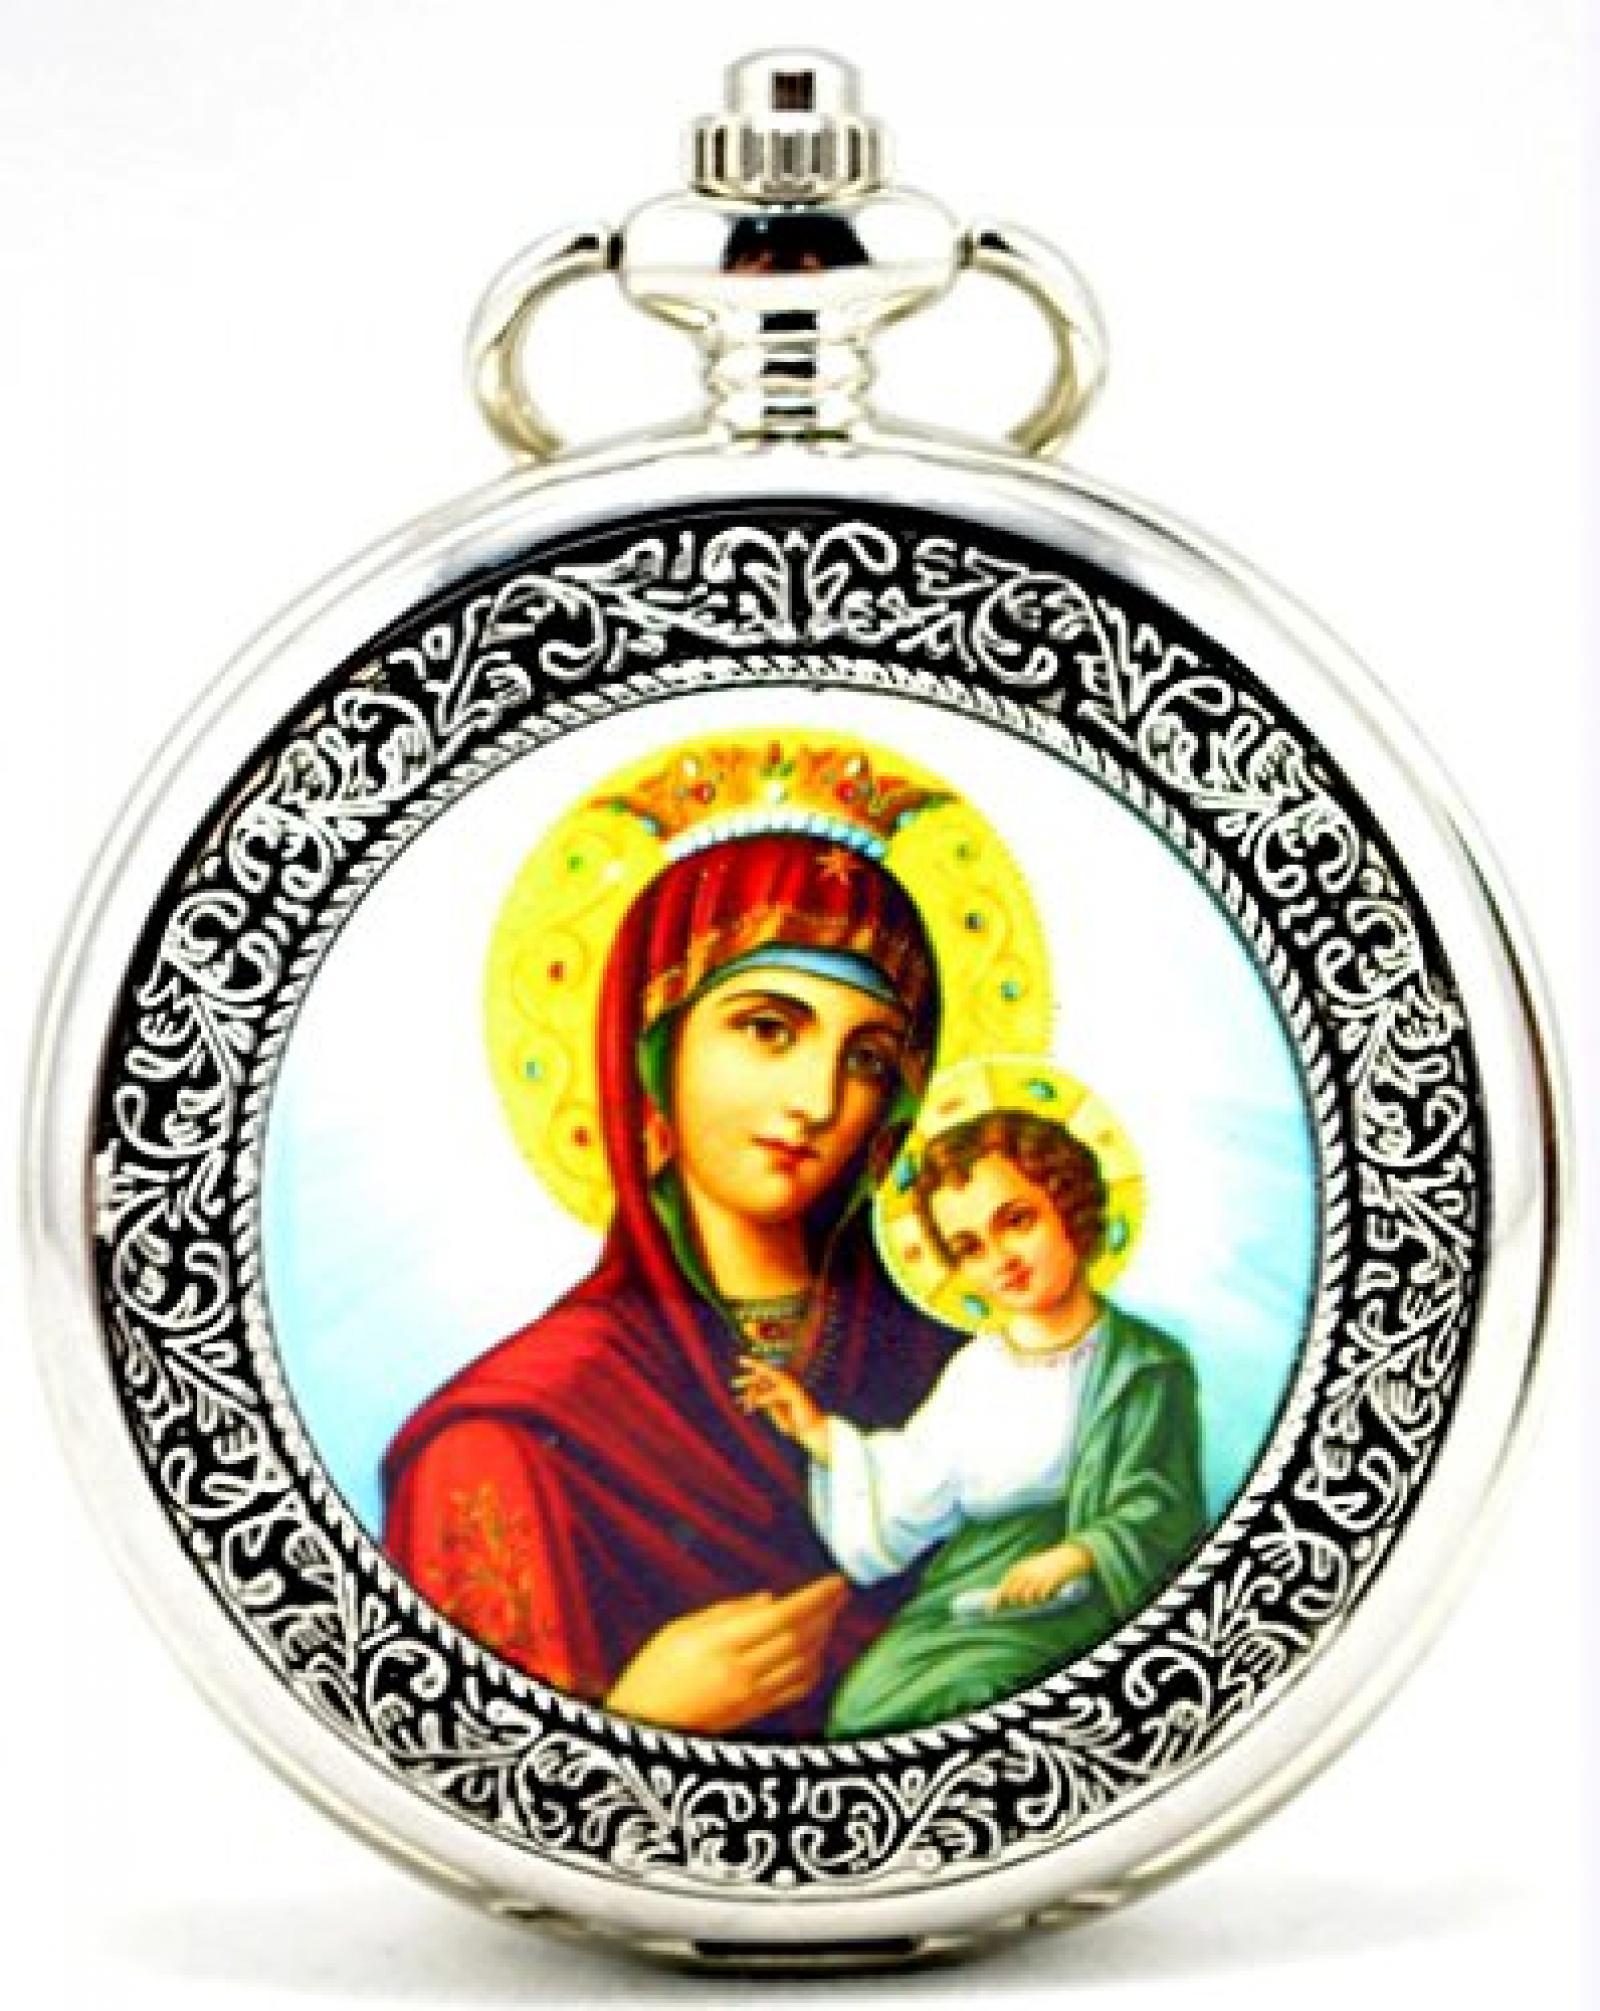 Unendlich U Vintage Die Virgin Maria und Jesus Christ Handaufzug mechanische Taschenuhr mit Skelett aus Stahl